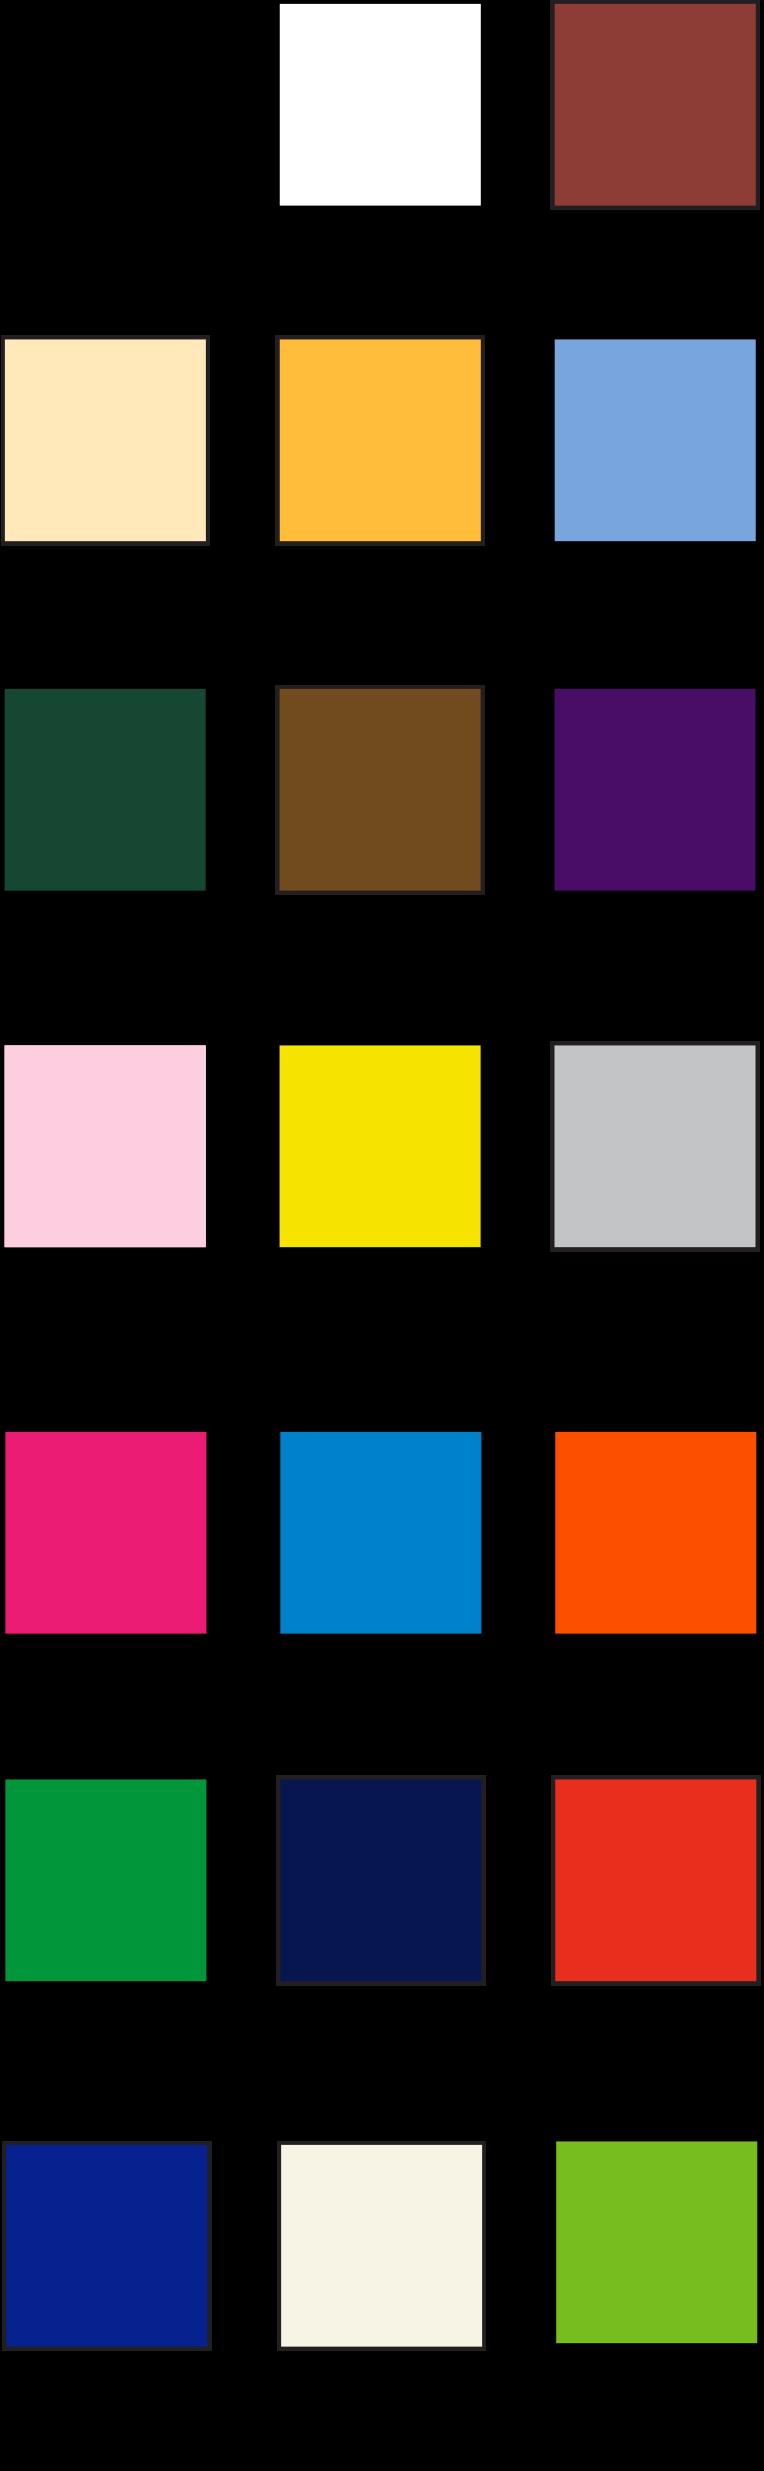 bandana-colors